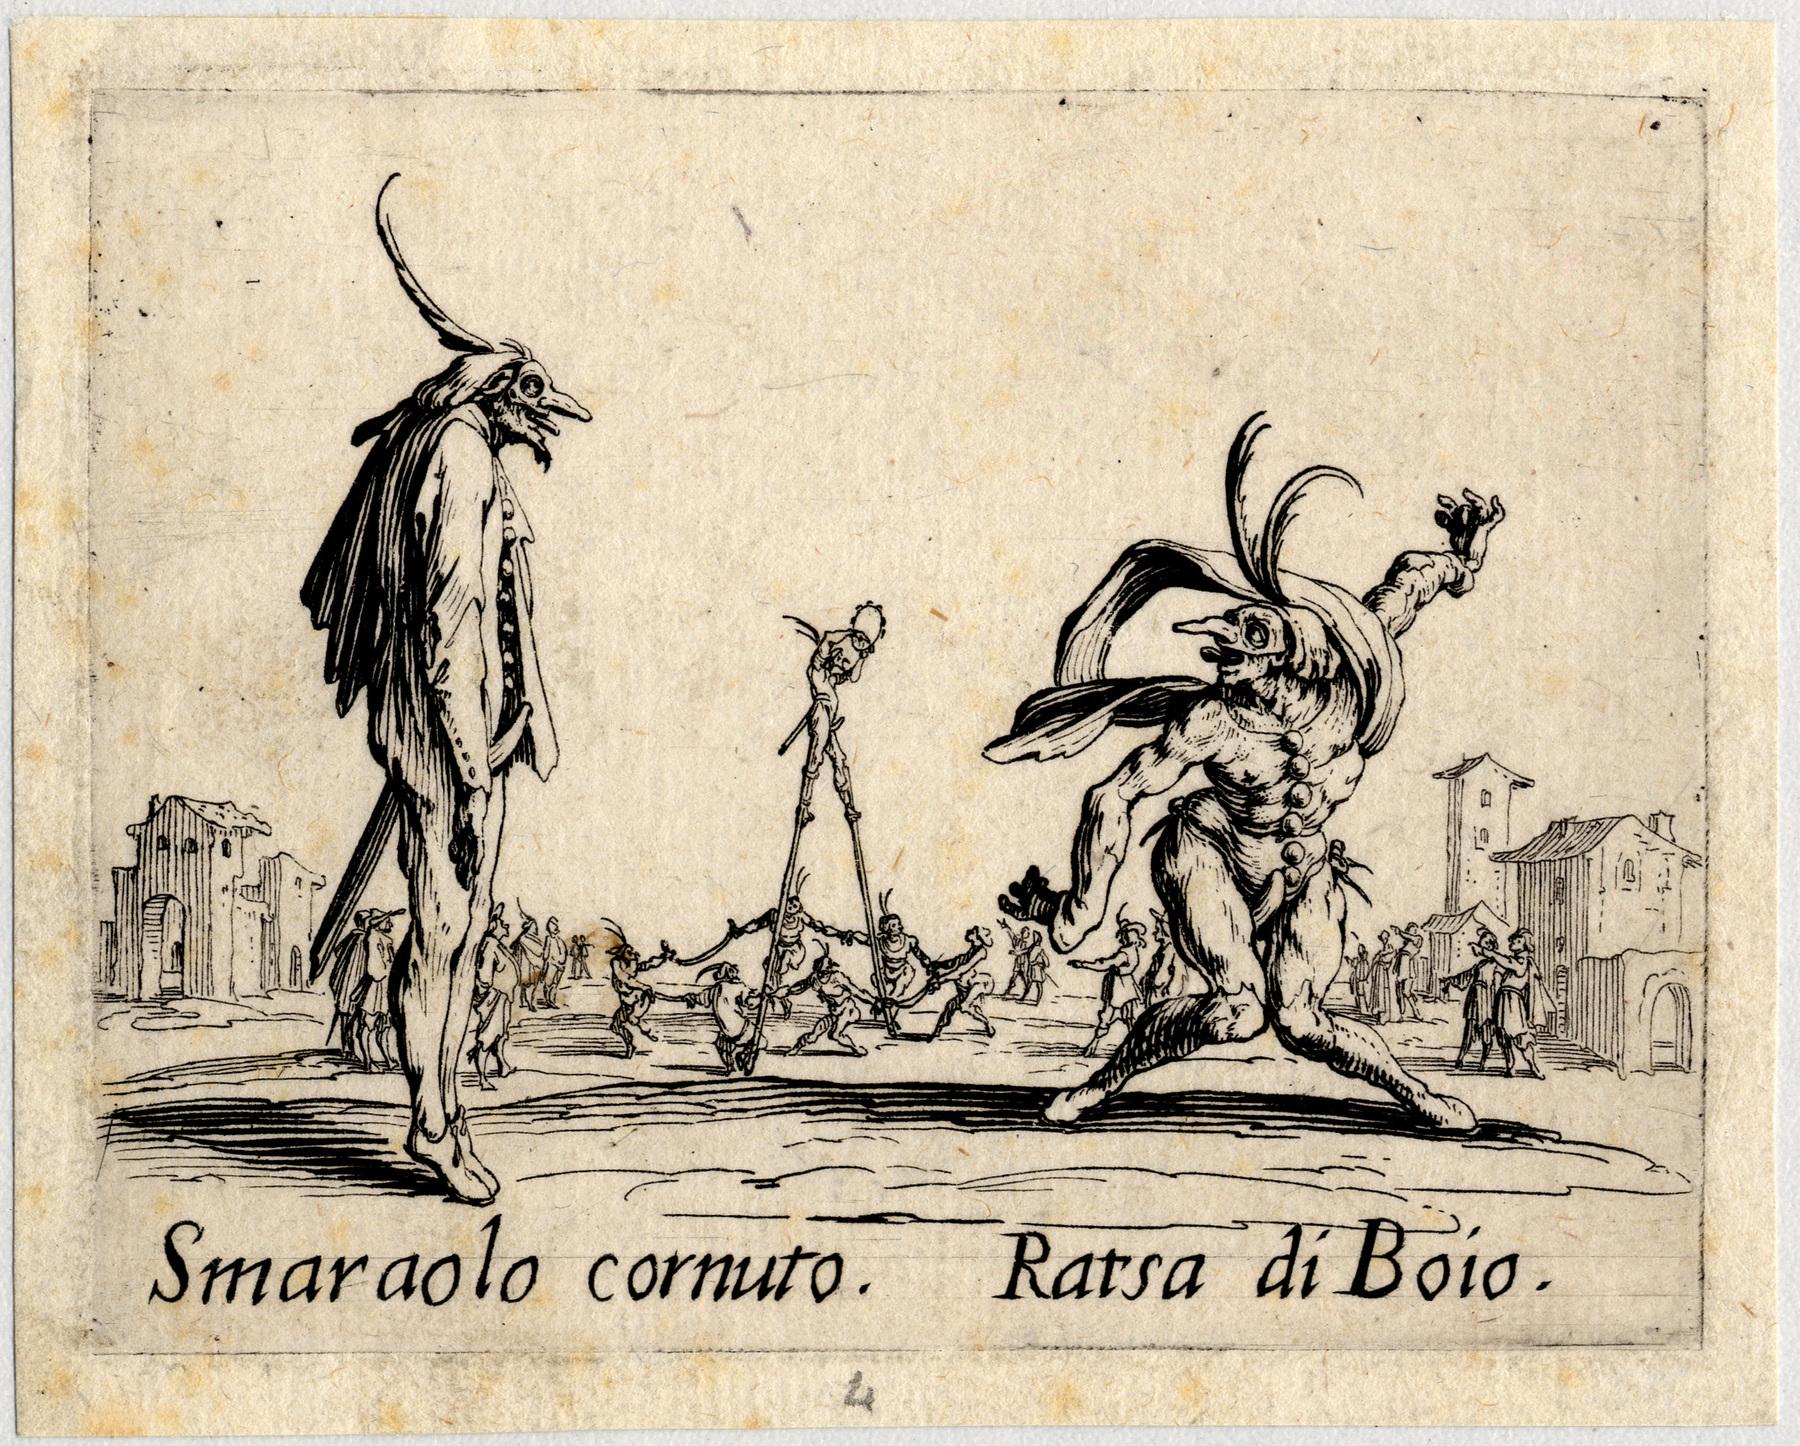 Contenu du Balli di Sfessania : Smaraolo Cornutto, Ratsa di Boio